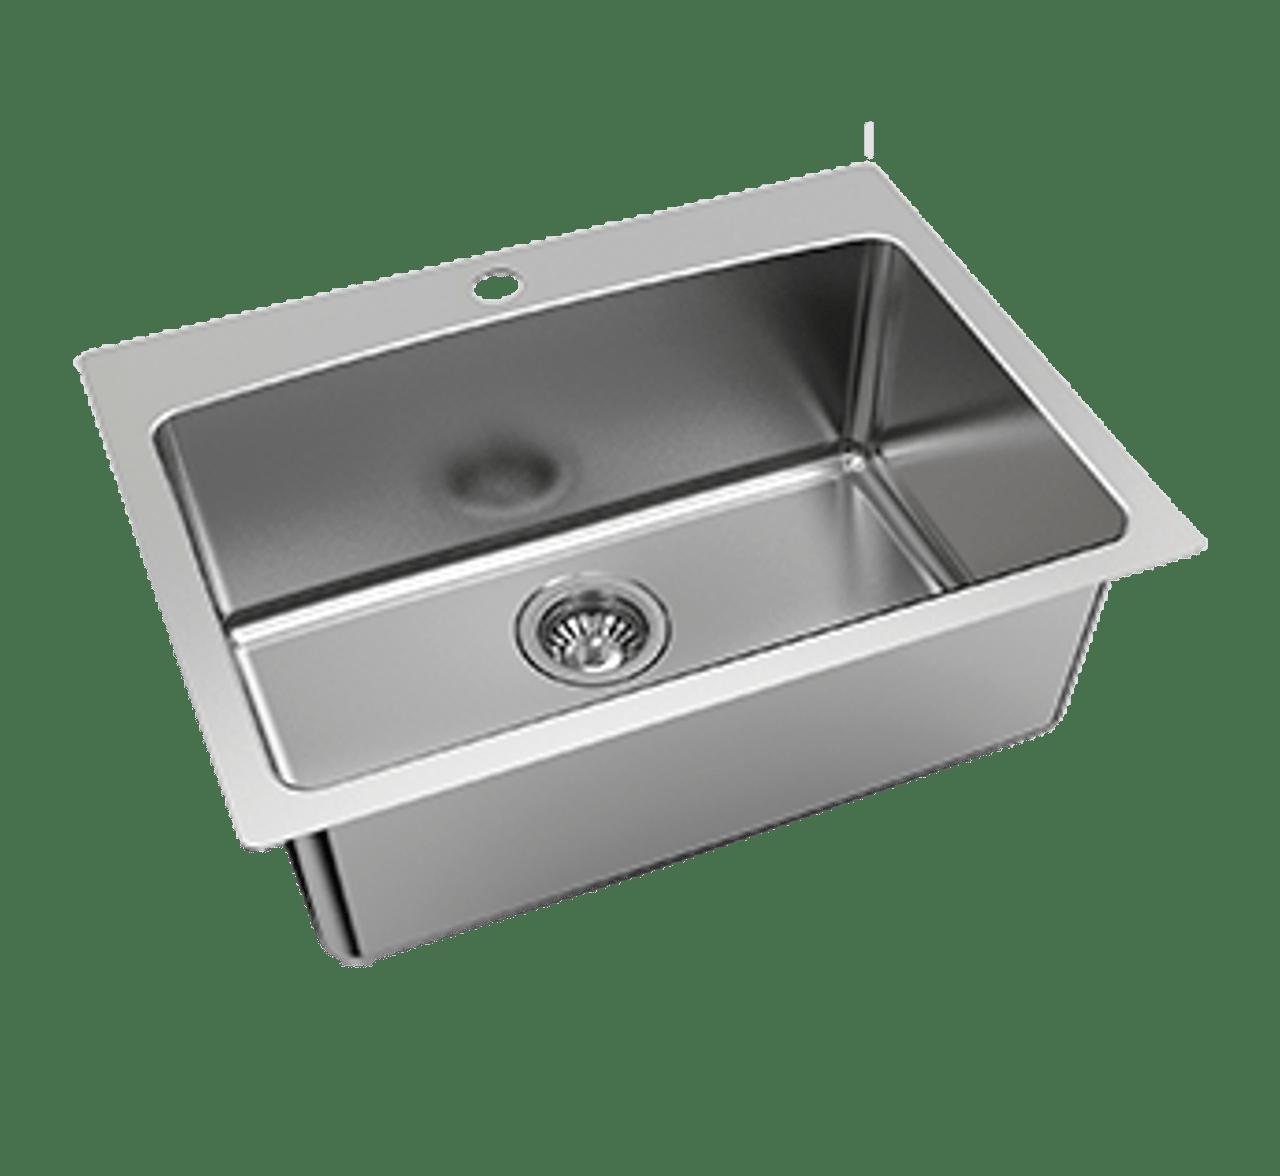 nugleam 45l utility sink 1th